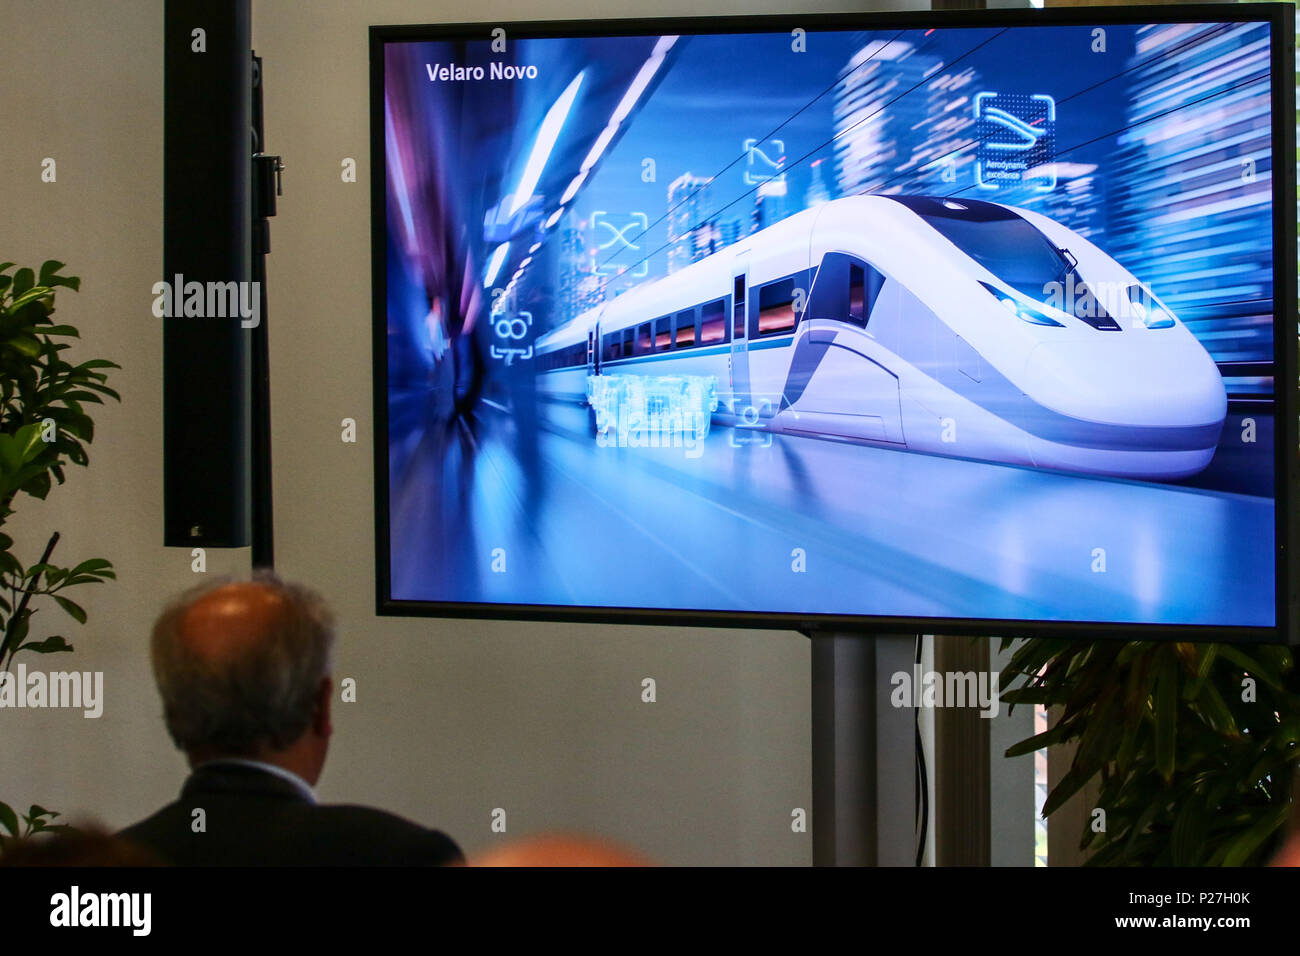 Siemens praesentiert auf der Innotrans 2018 ein neues Fahrzeugkonzept fuer Hochgeschwindigkeitszuege. Der Velaro Novo setzt neue Massstaebe in puncto Witschaftlichkeit und Nachhaltigkeit. Siemens hat die Plattform fuer einen weltweiten Einsatz entwickelt. - Stock Image